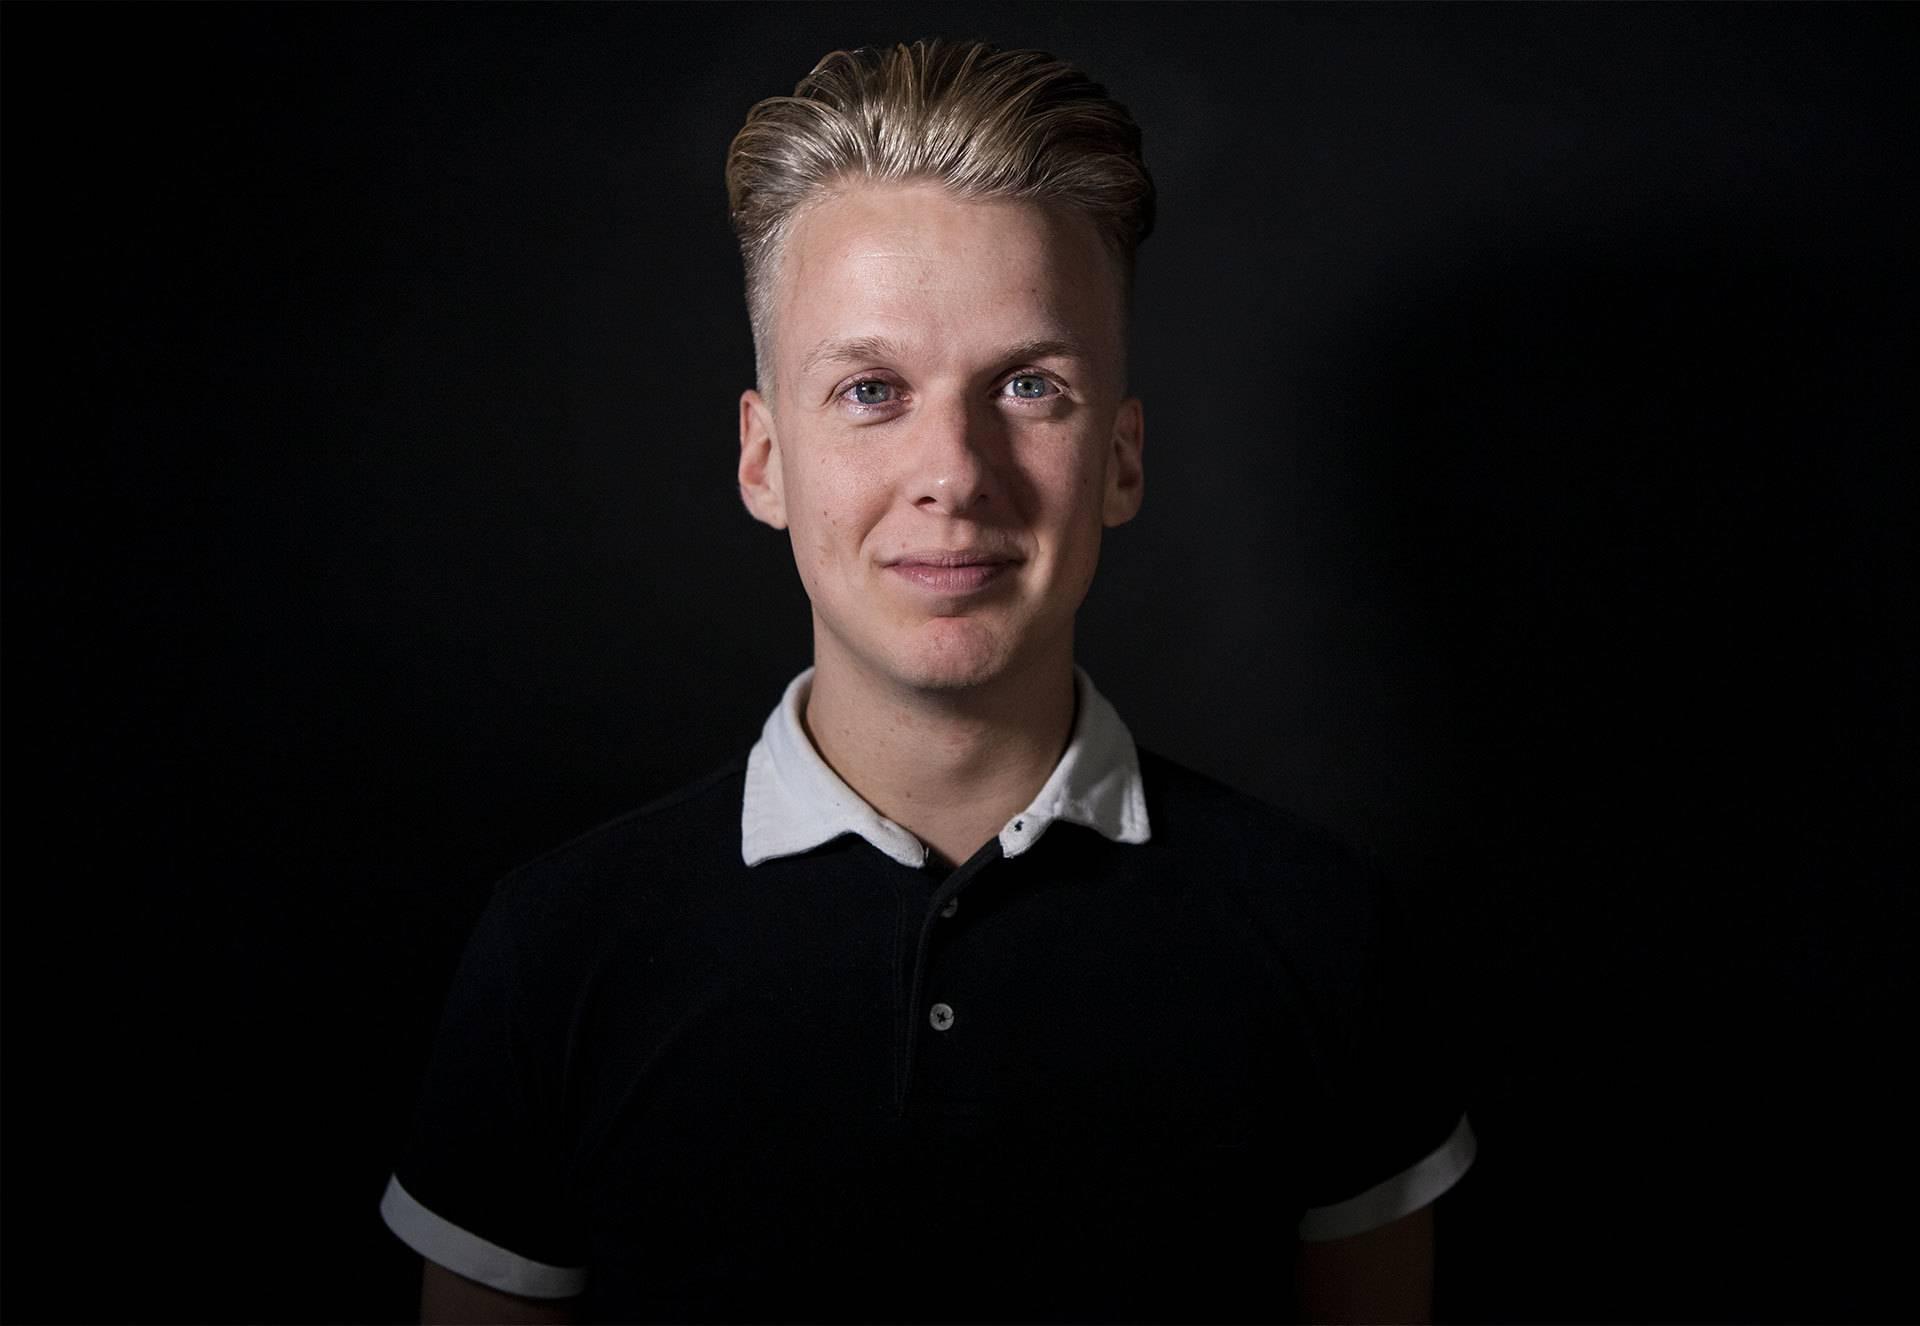 Joost Findhammer